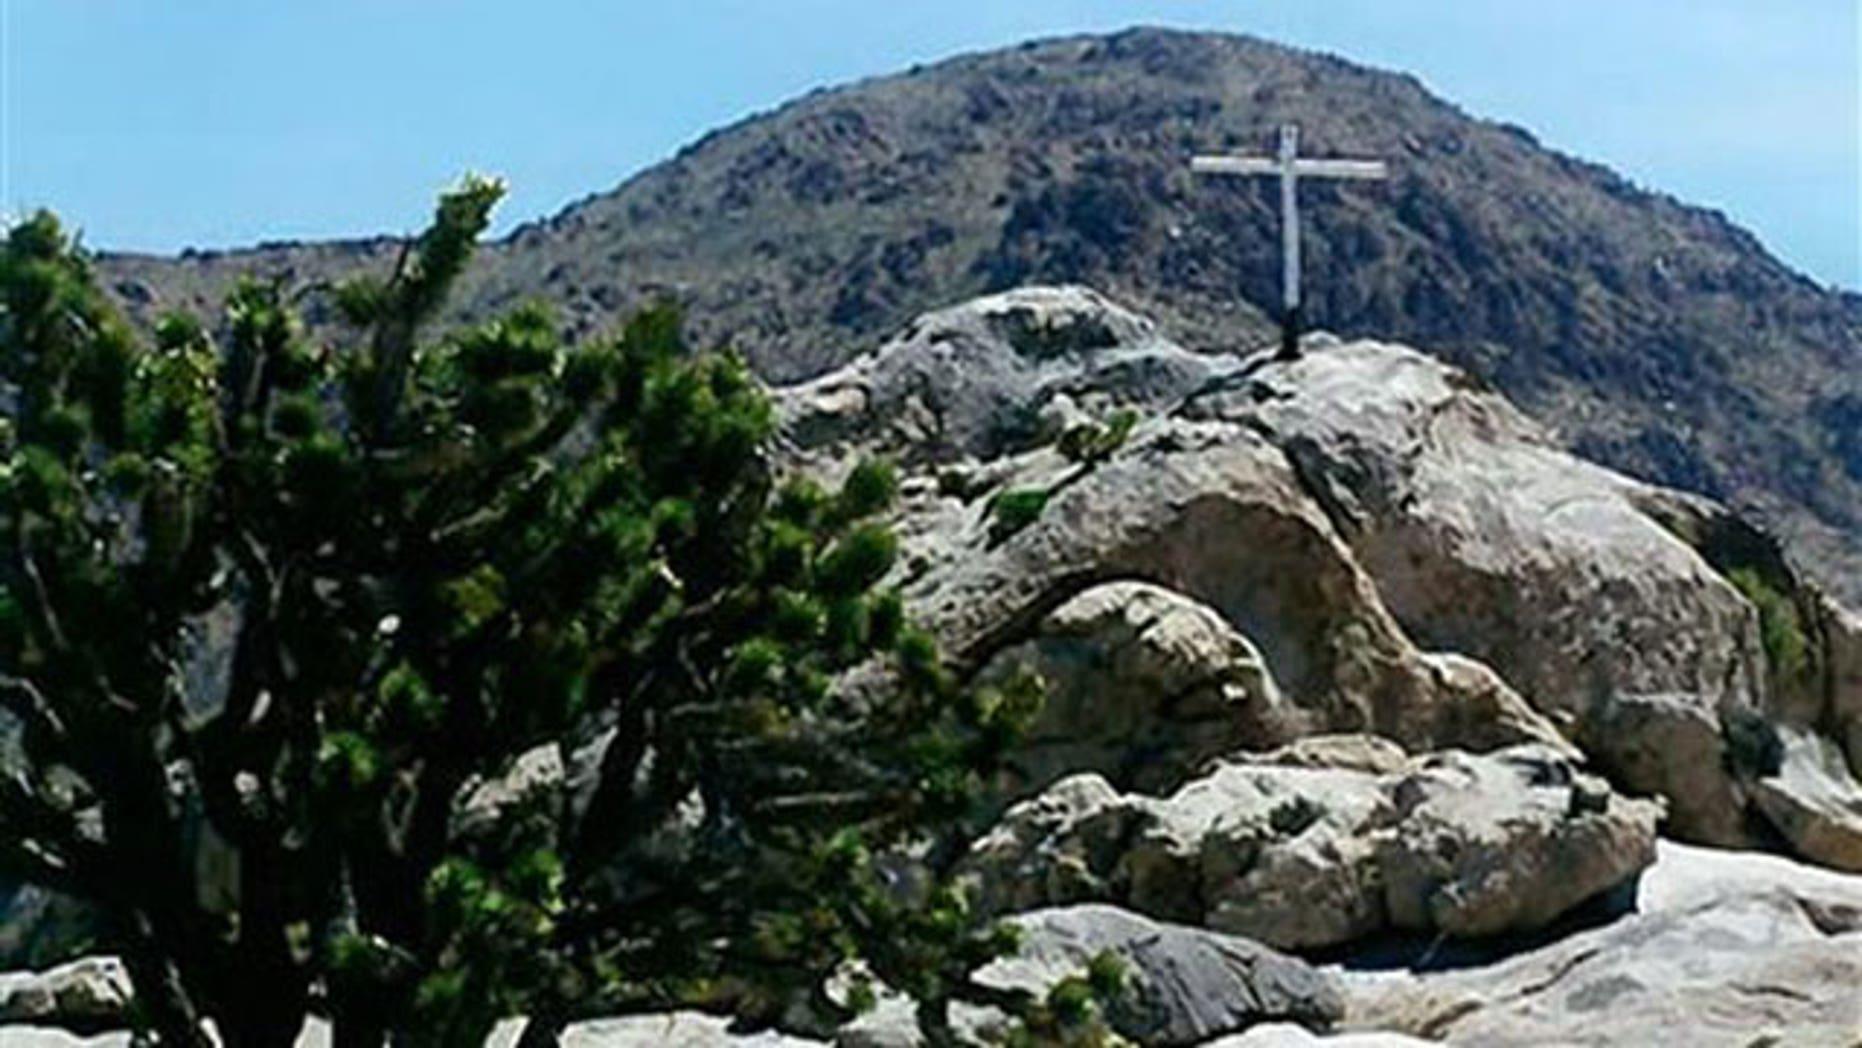 The Mojave Desert War Memorial in California